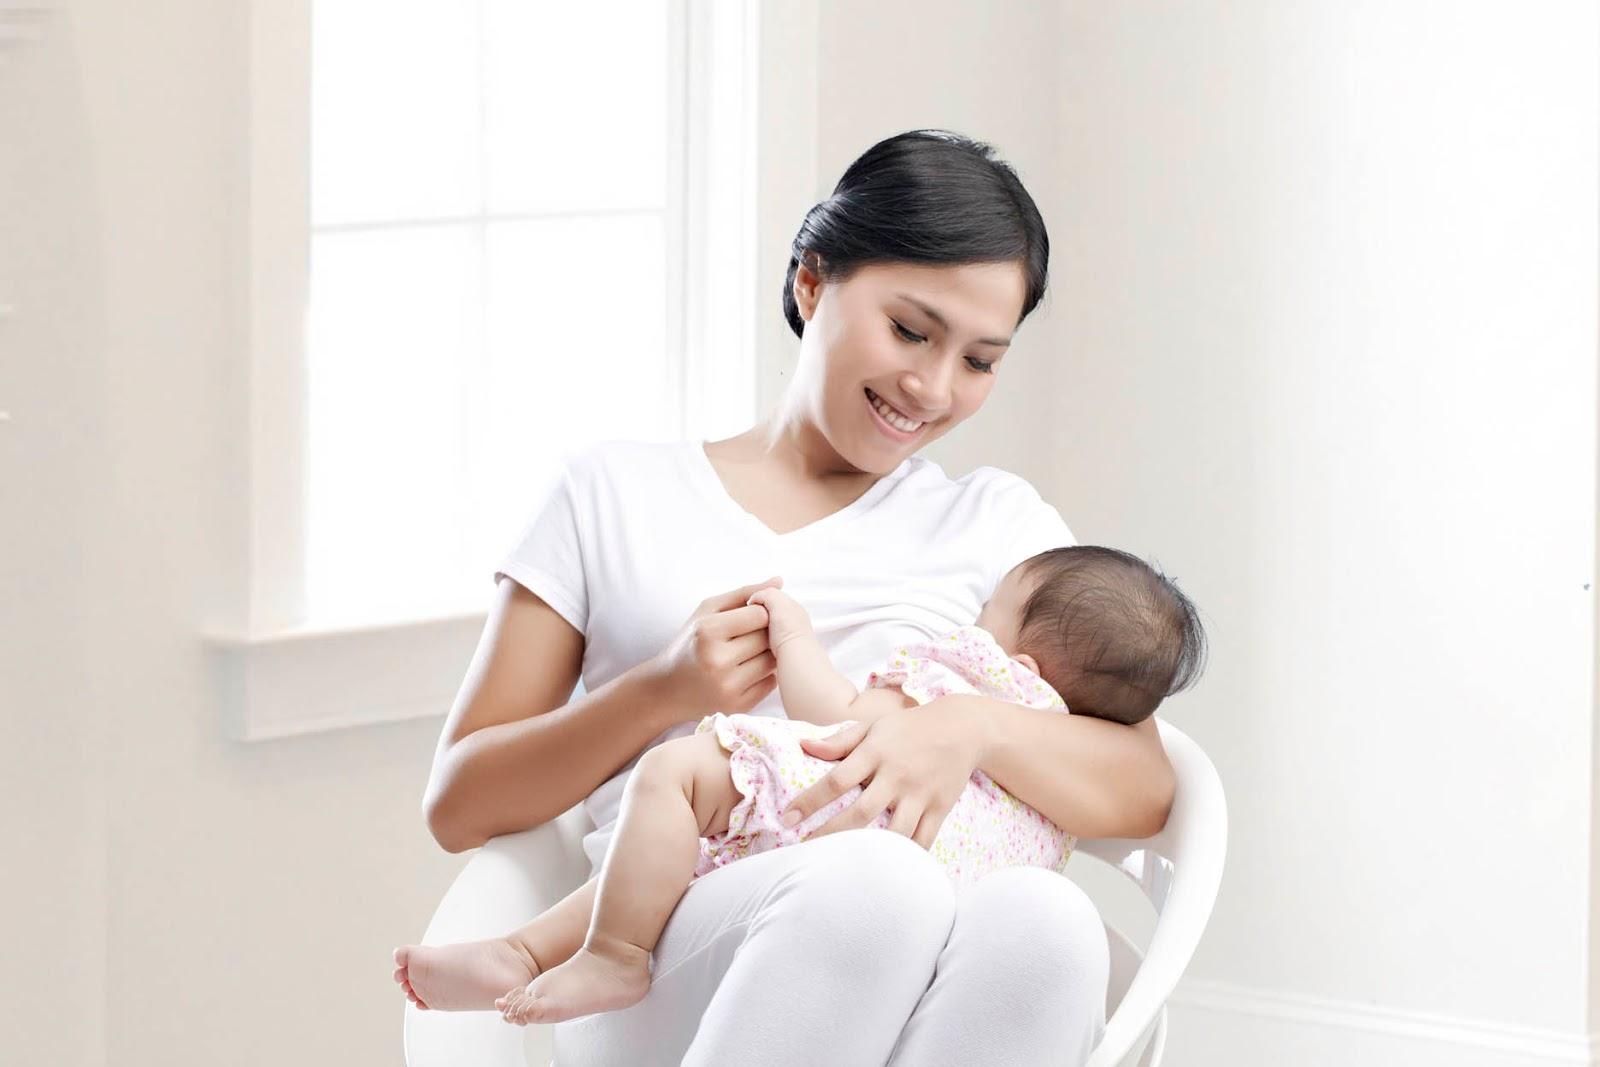 Cara Menyusui Bayi Yang Benar Cara Menyusui Yang Baik Dan